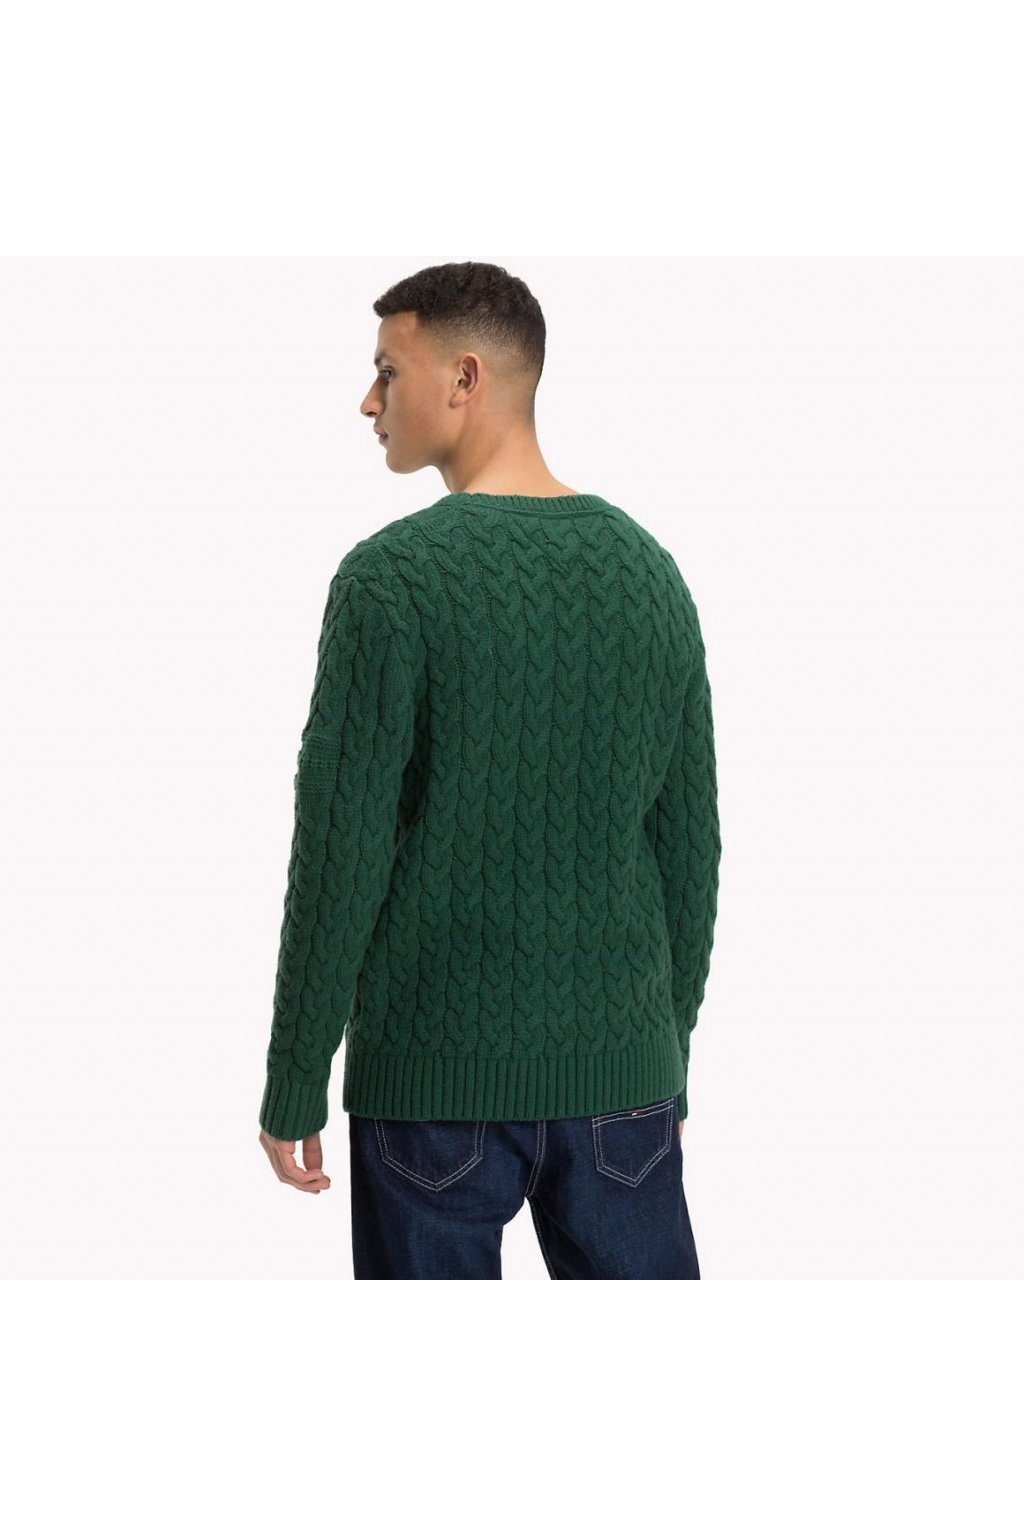 3f8feac067 Stylové triko s dlouhým rukávem GUESS - Outlet levně